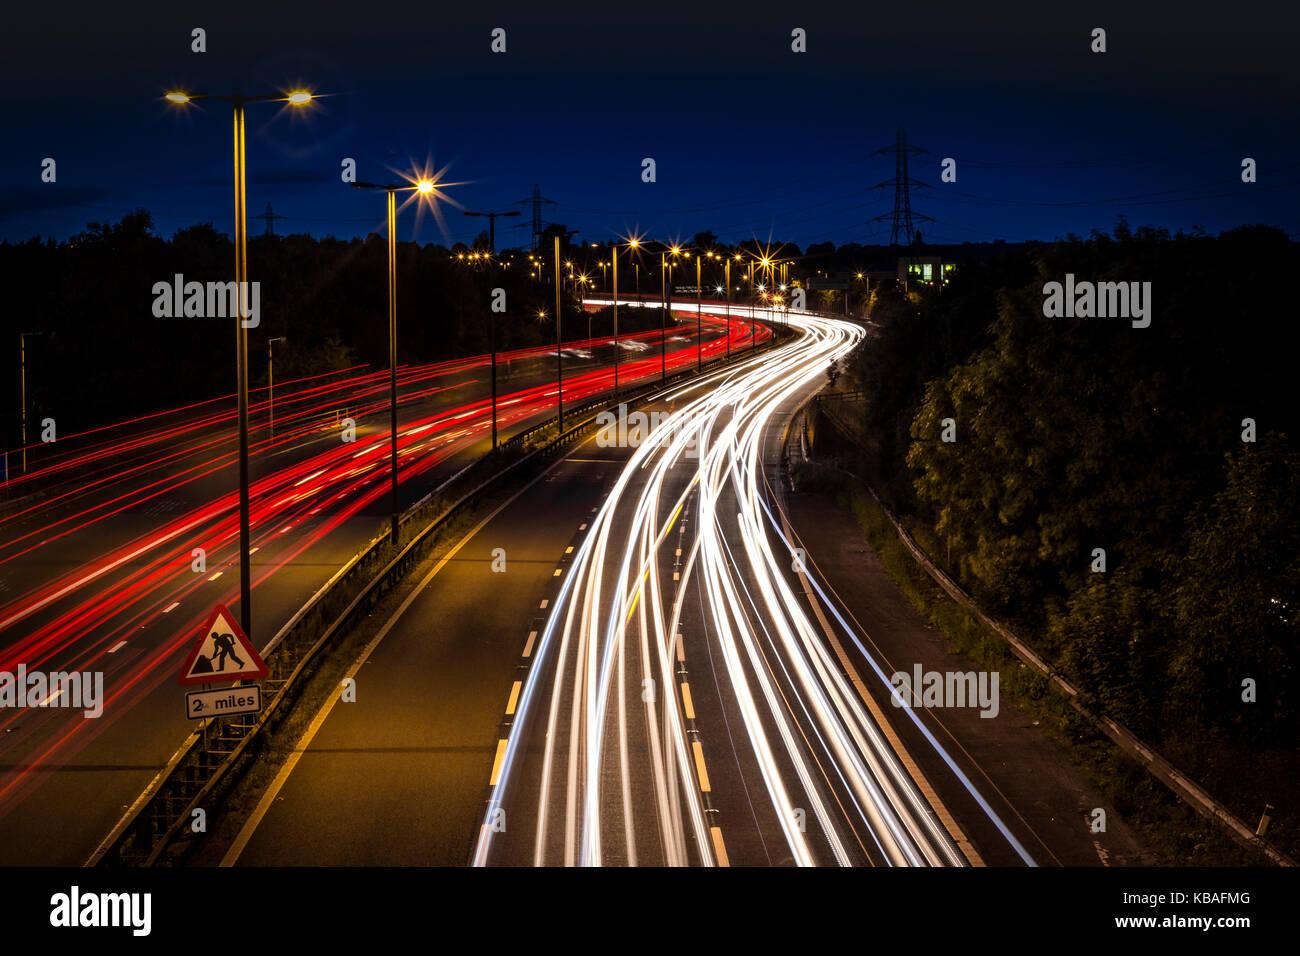 Am späten Abend über Autobahnbrücke. motion blur von Scheinwerfer und Rücklichter Stockbild